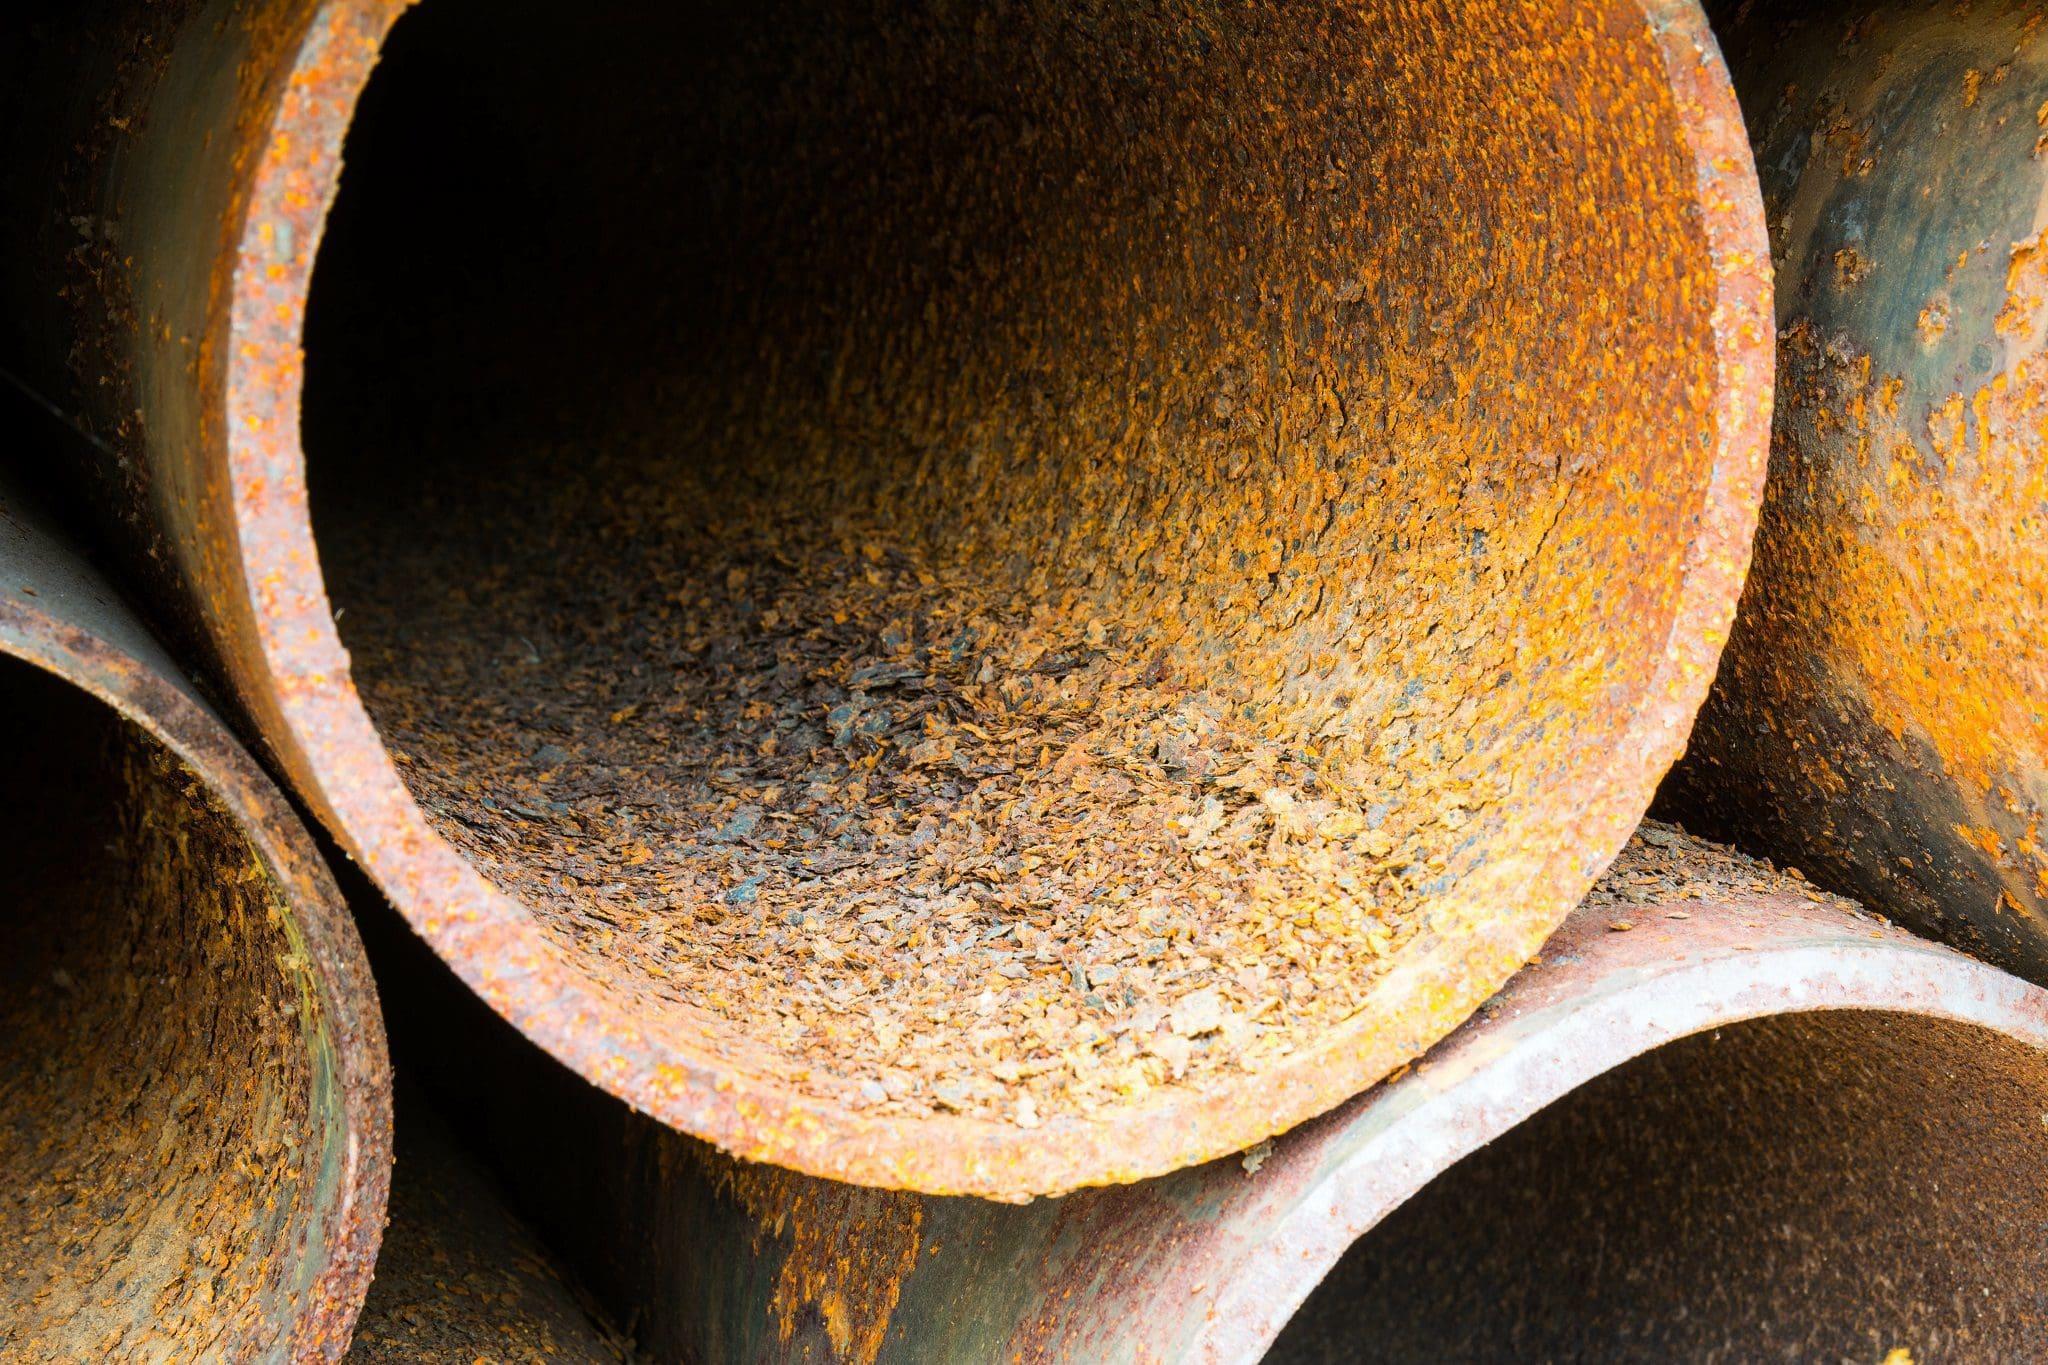 pipes sit unused die to internal pipeline corrosion